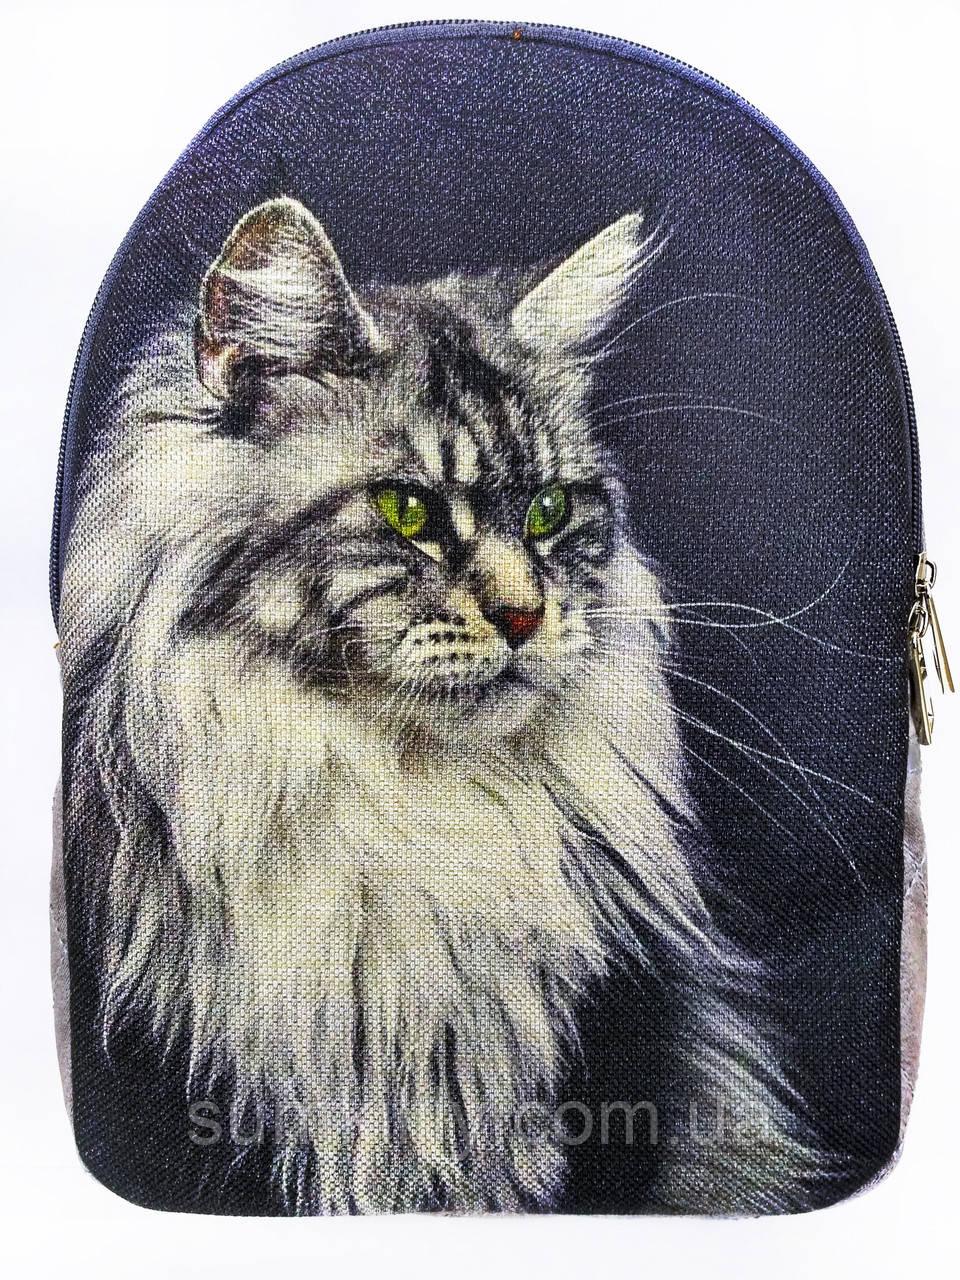 Текстильный рюкзак МЕЙНКУН серый